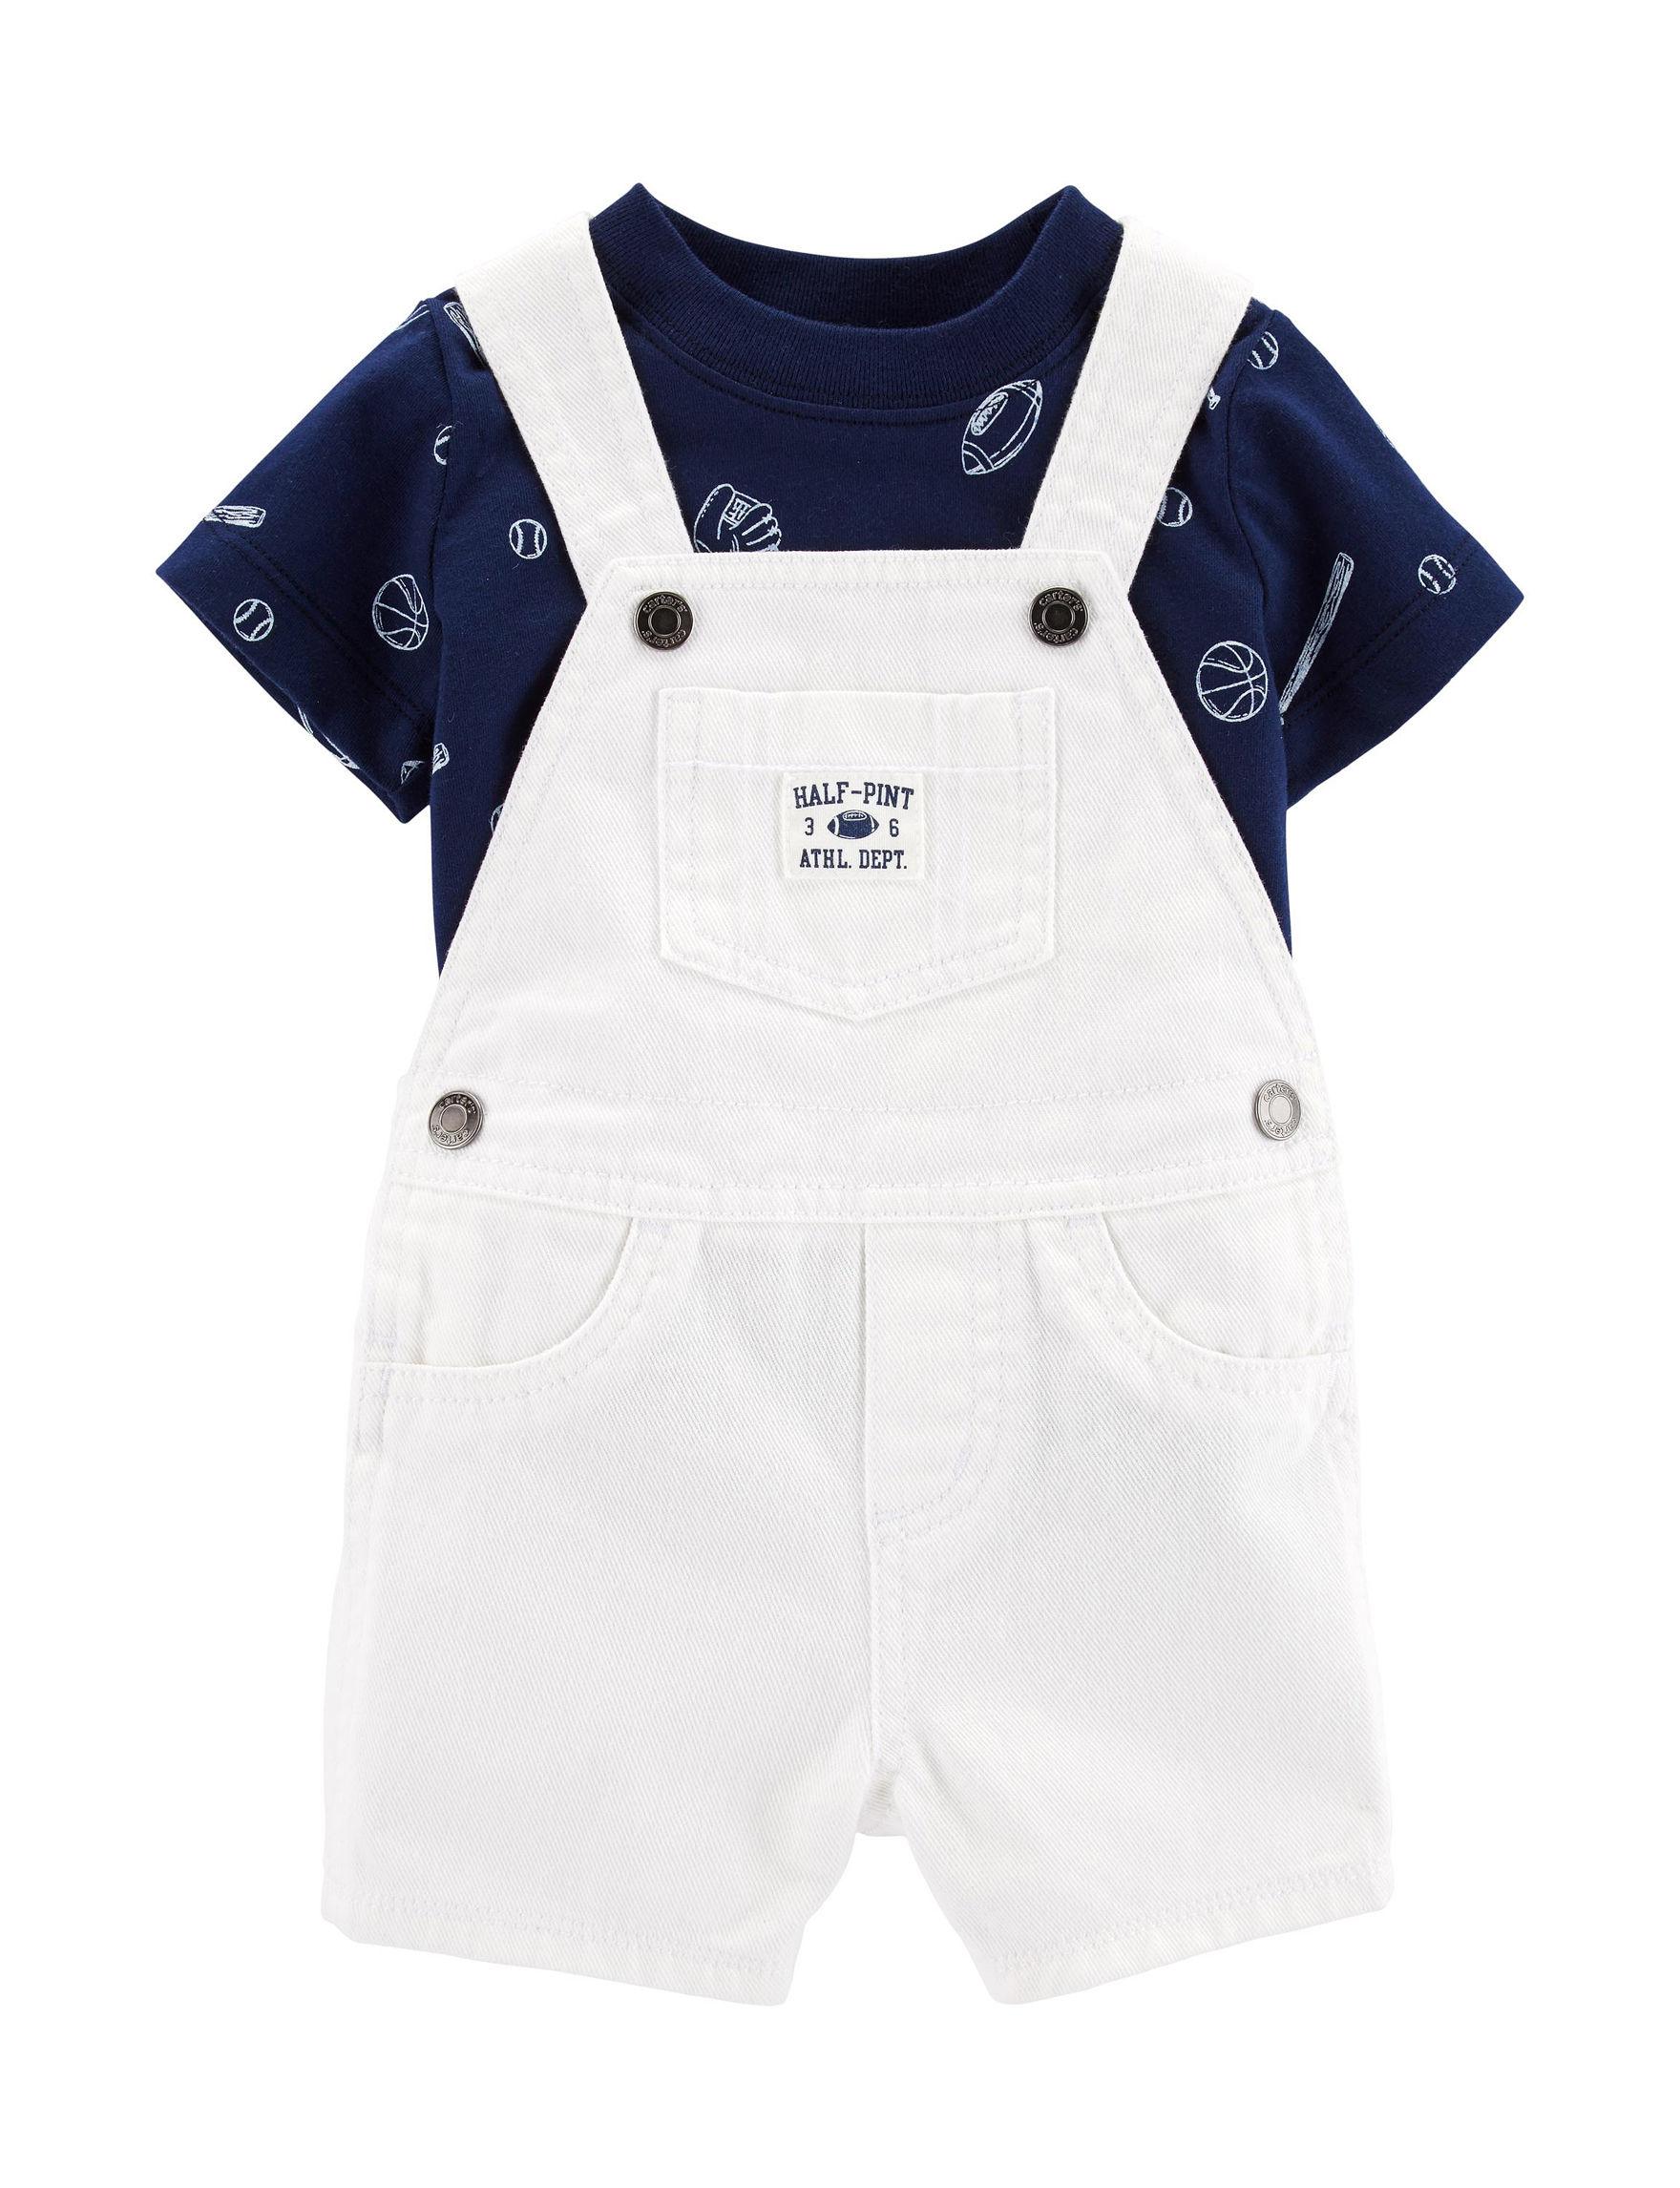 Carter's White / Navy